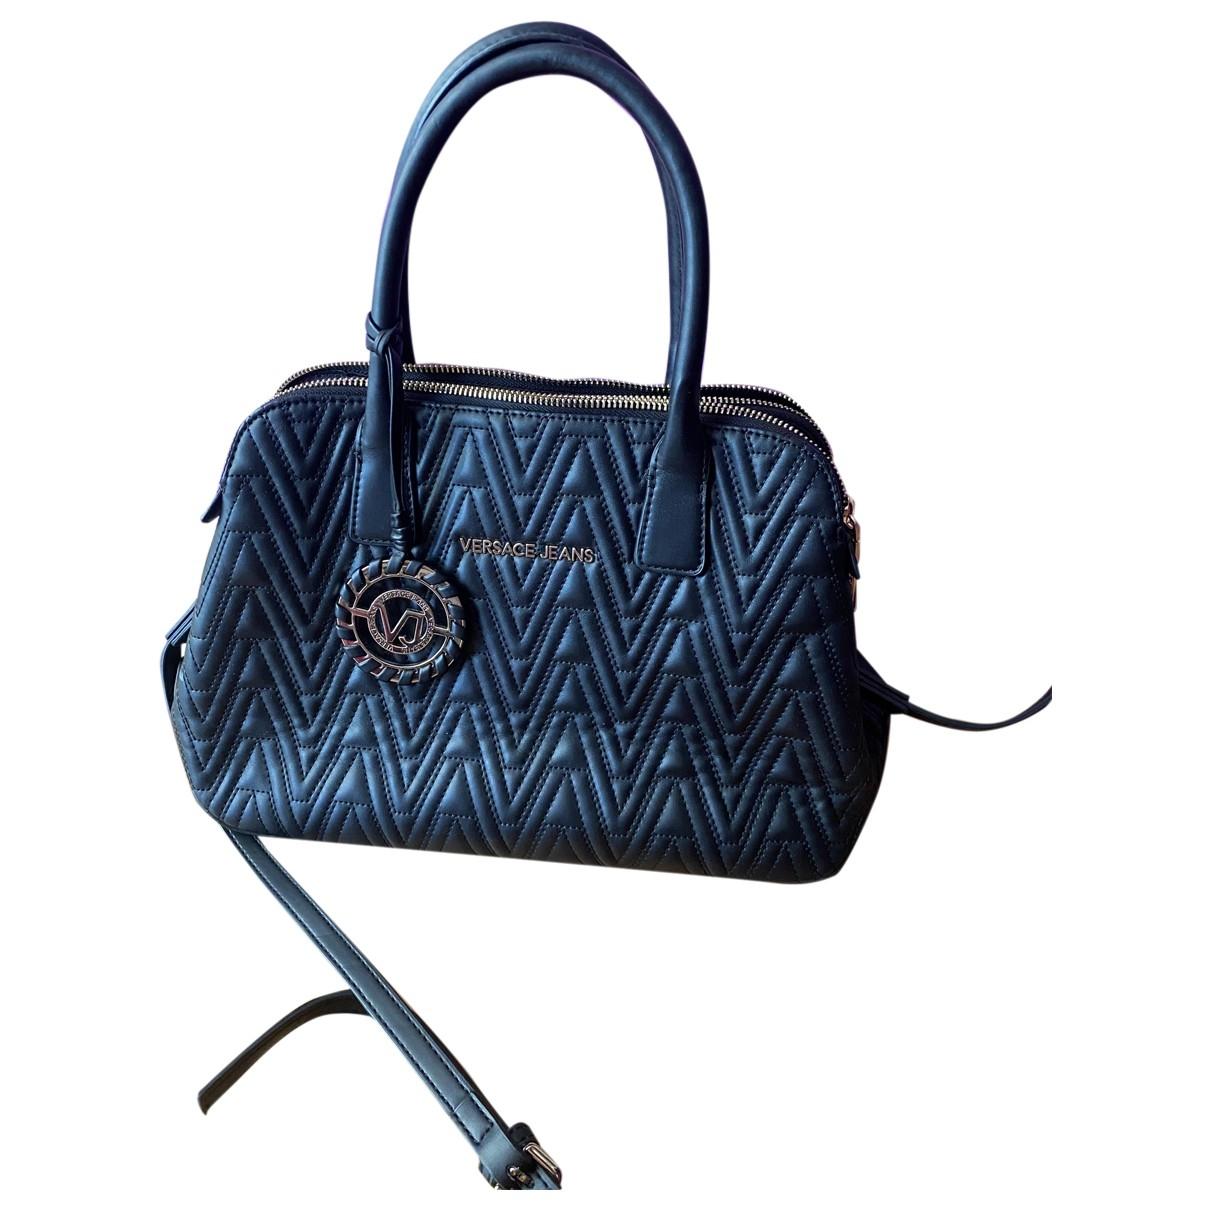 Versace Jeans \N Black Leather handbag for Women \N